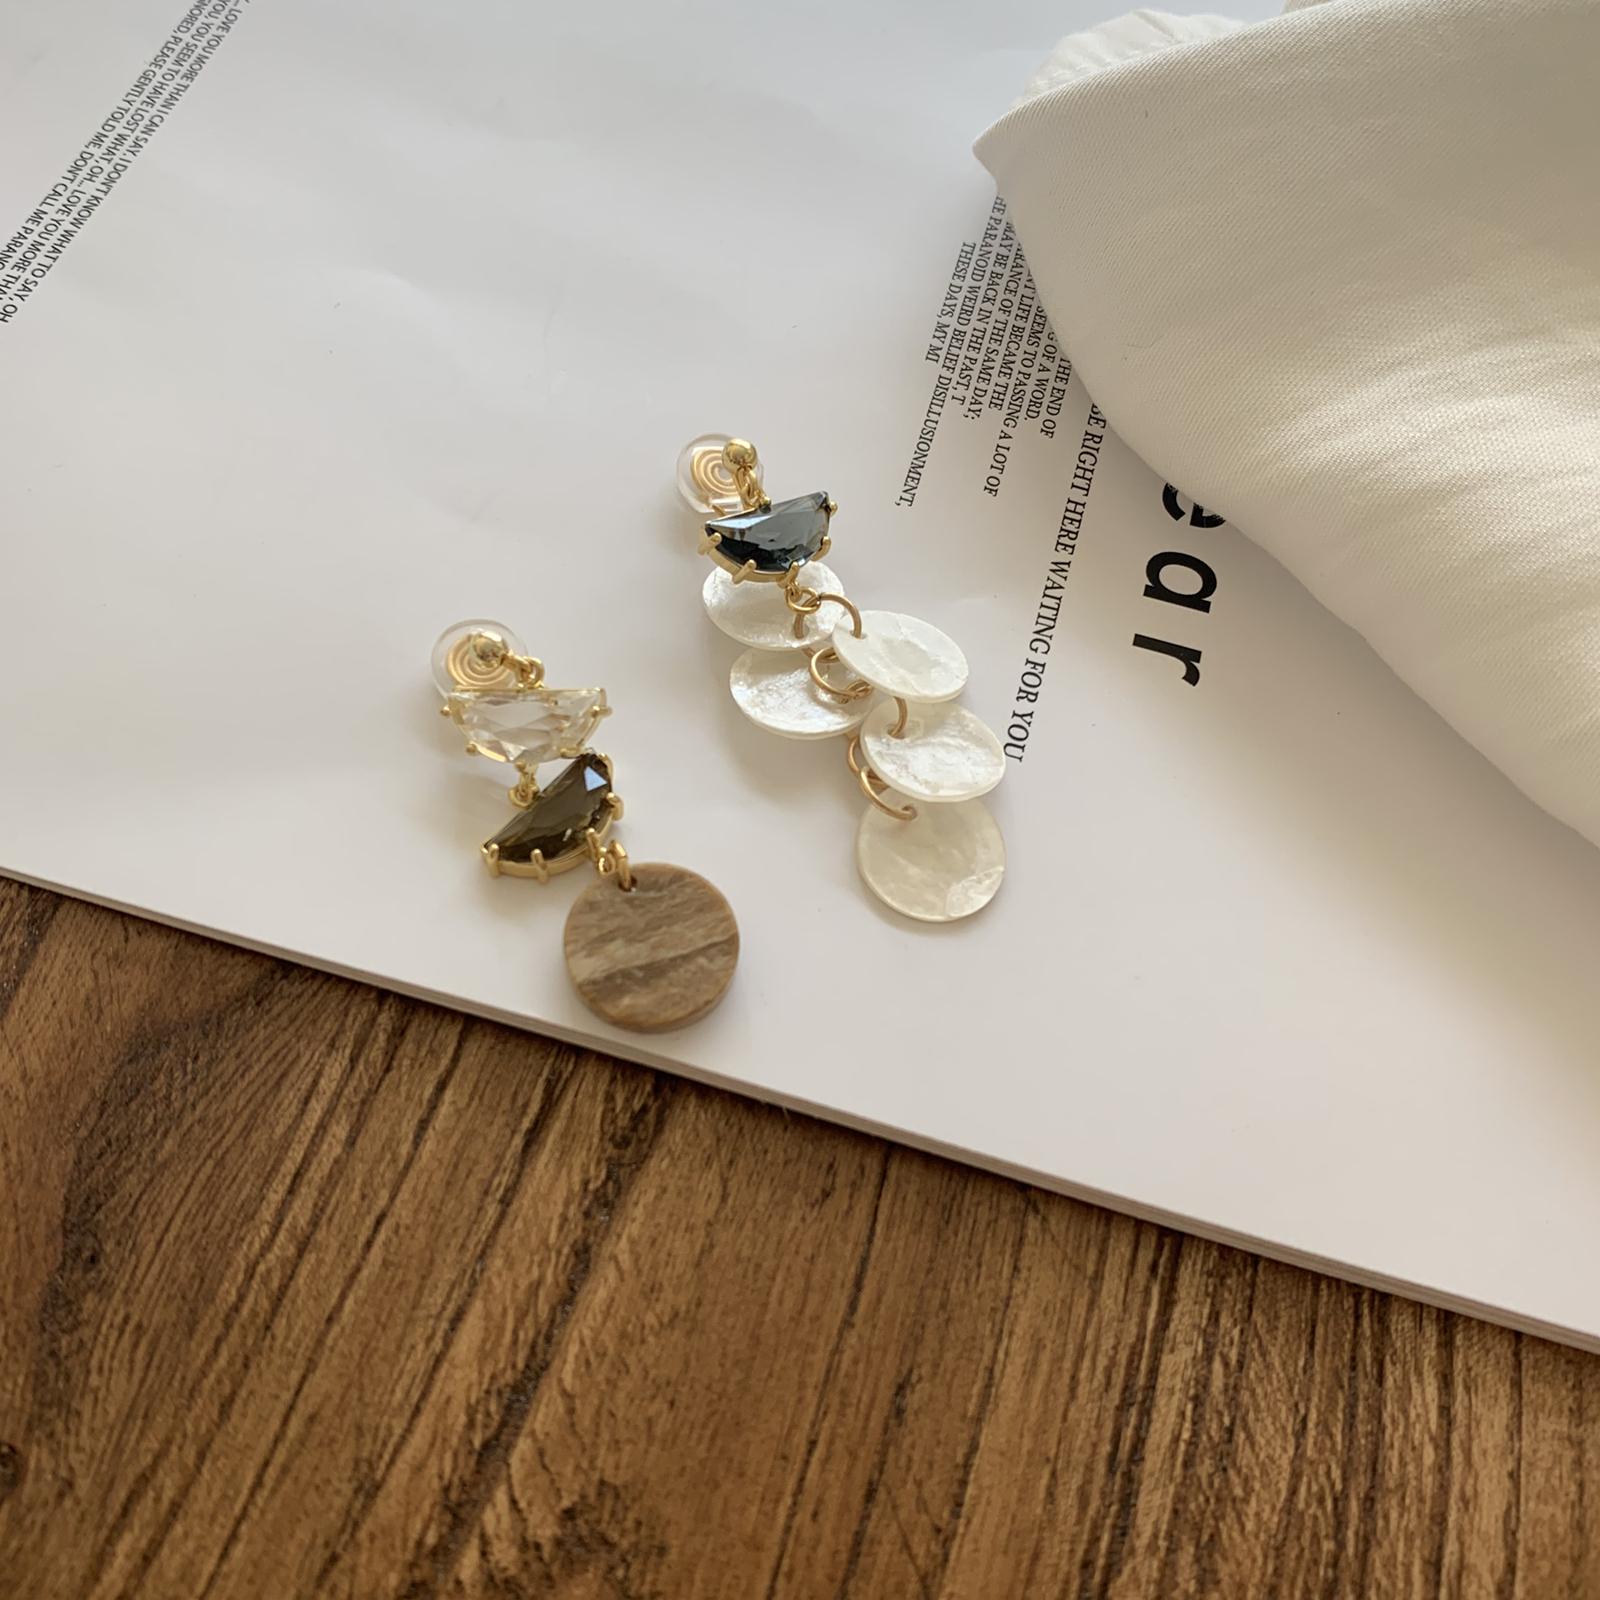 辛西娅天然薄片贝壳锆石不对称硅胶蚊香盘耳夹女无耳洞耳夹新款图片